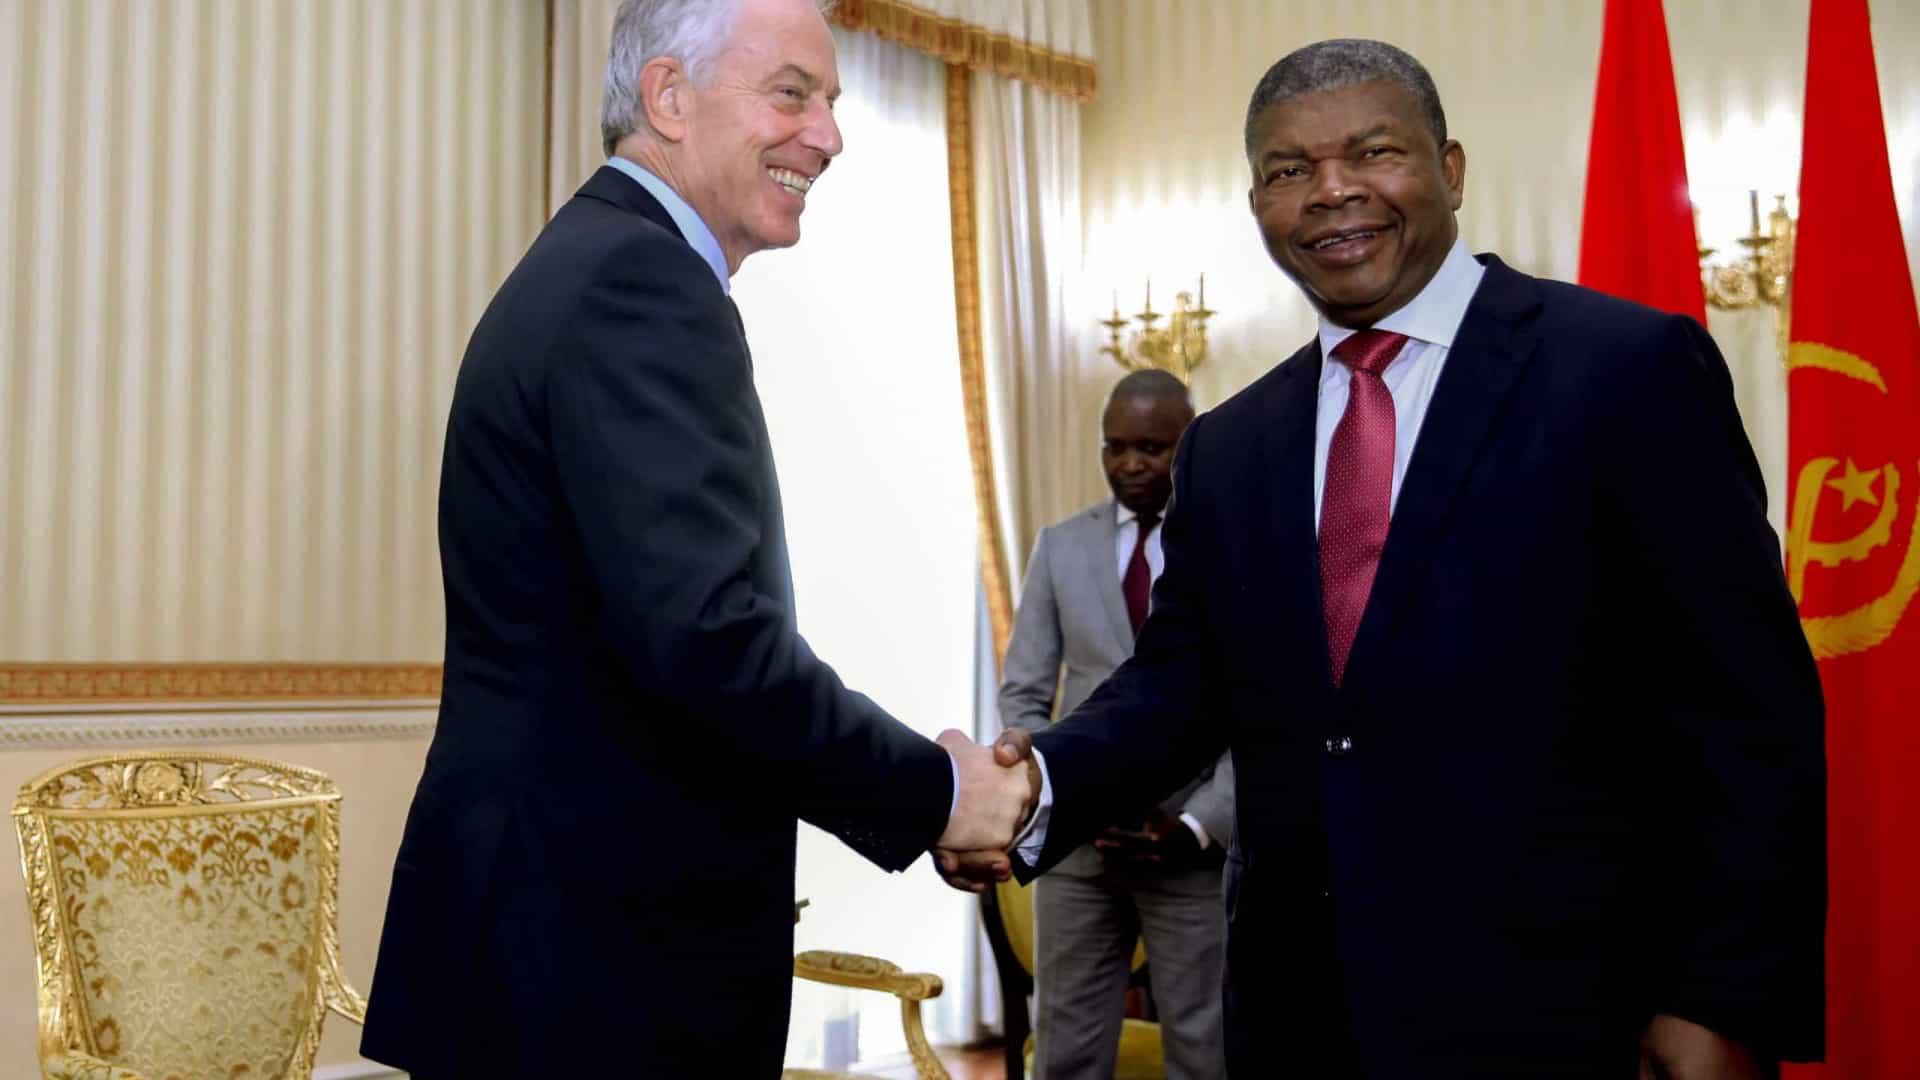 - Tony Blair e JLO - Antigo primeiro-ministro britânico elogia João Lourenço